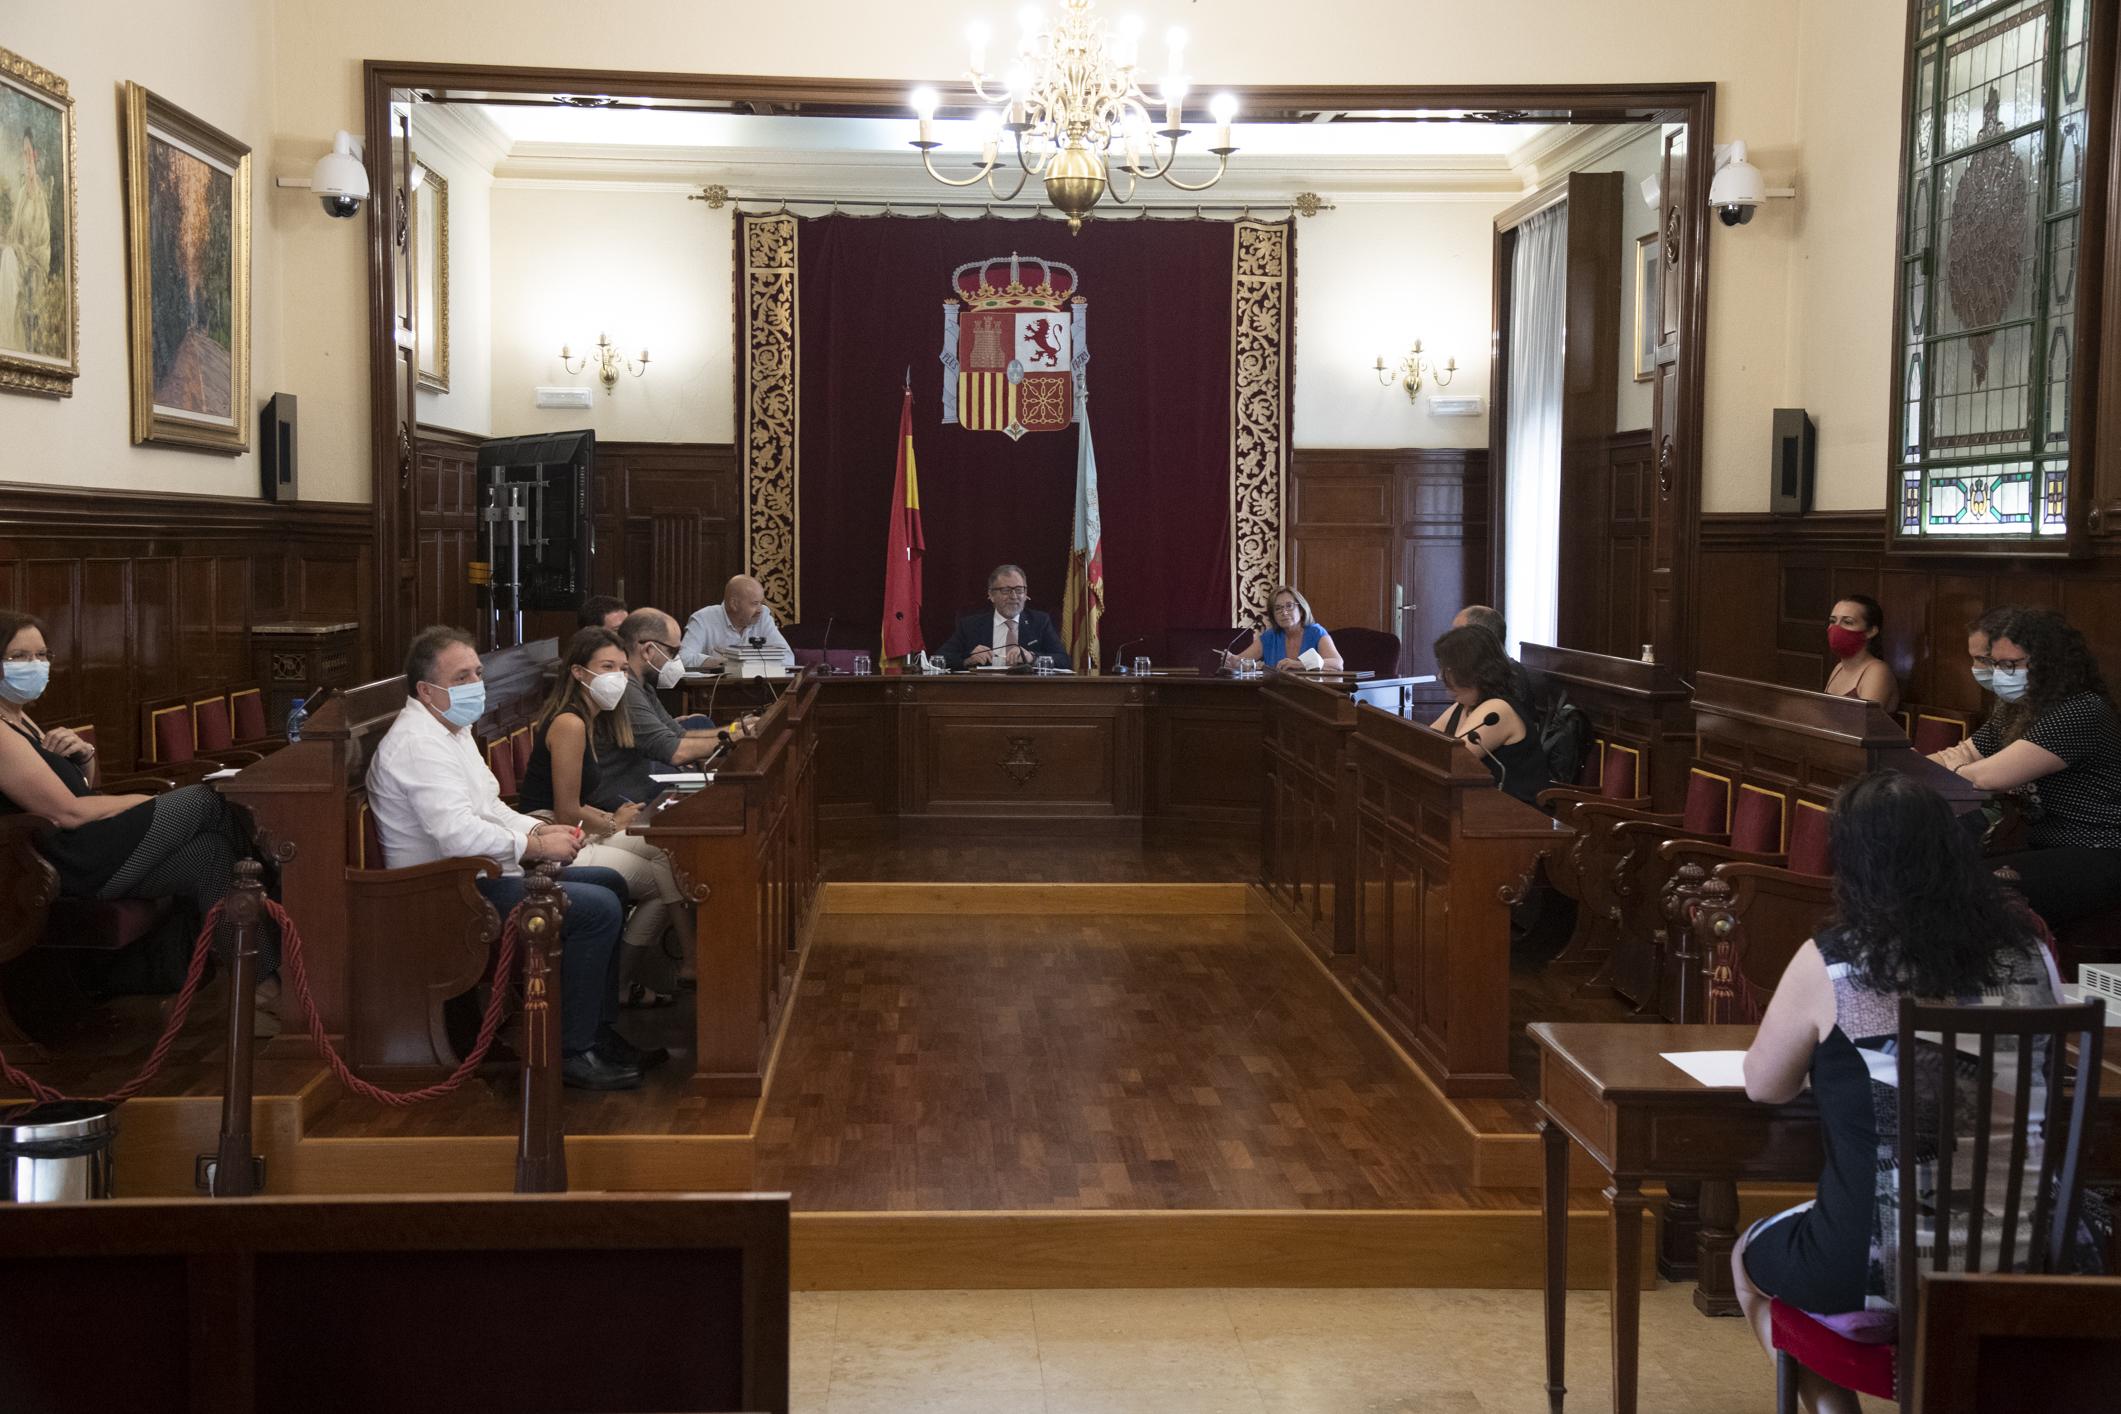 La Diputació aprova una subvenció de 12.000 euros a favor de la Federació de Confraries de Pescadors de Castelló